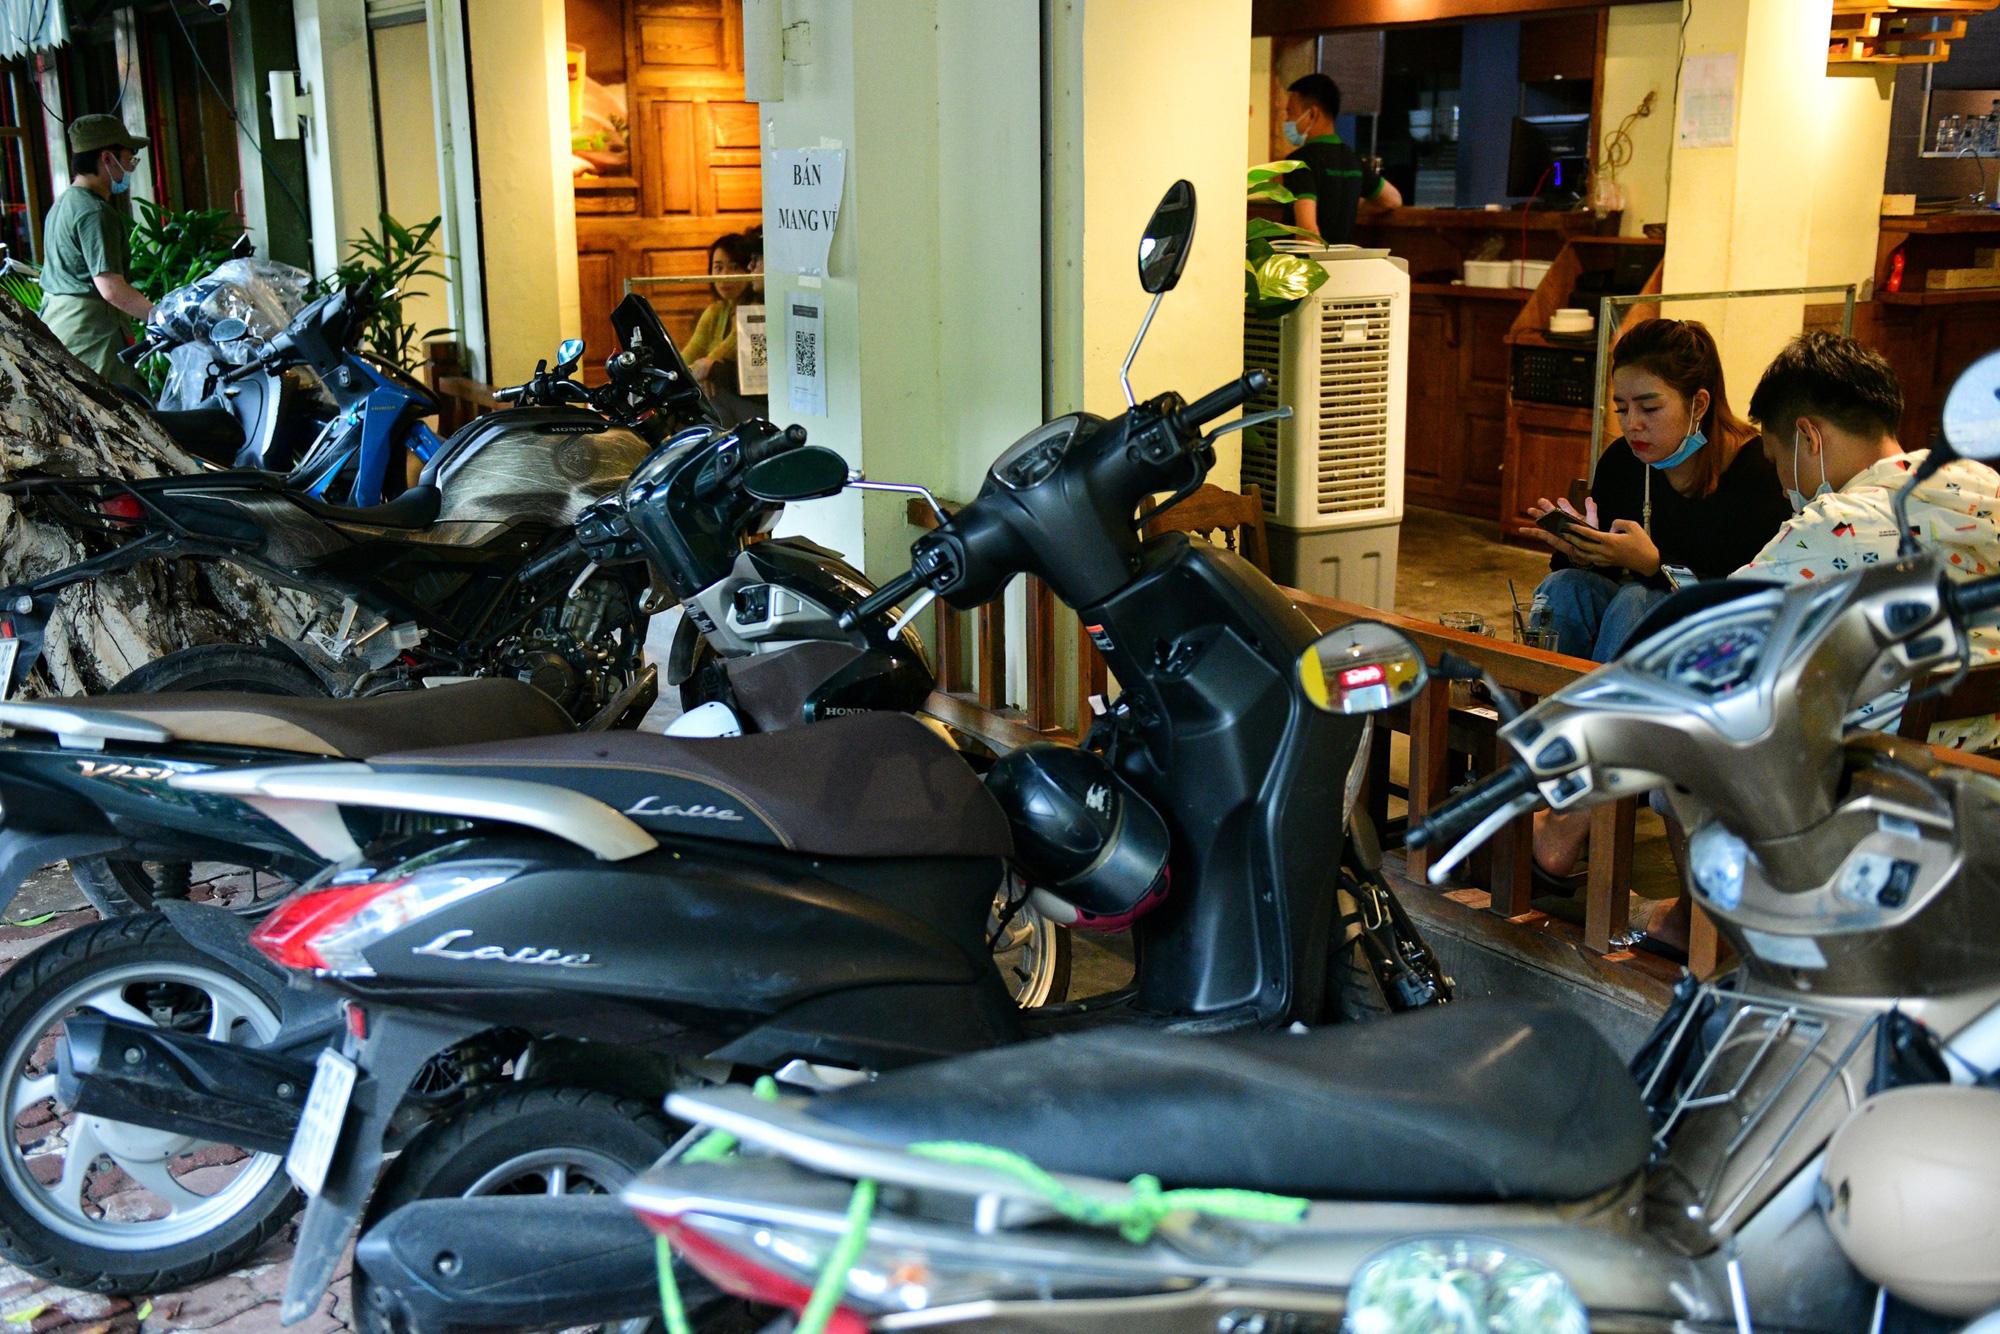 Quán cà phê ở Hà Nội đông nghịt khách ngày mở bán tại chỗ - Ảnh 10.